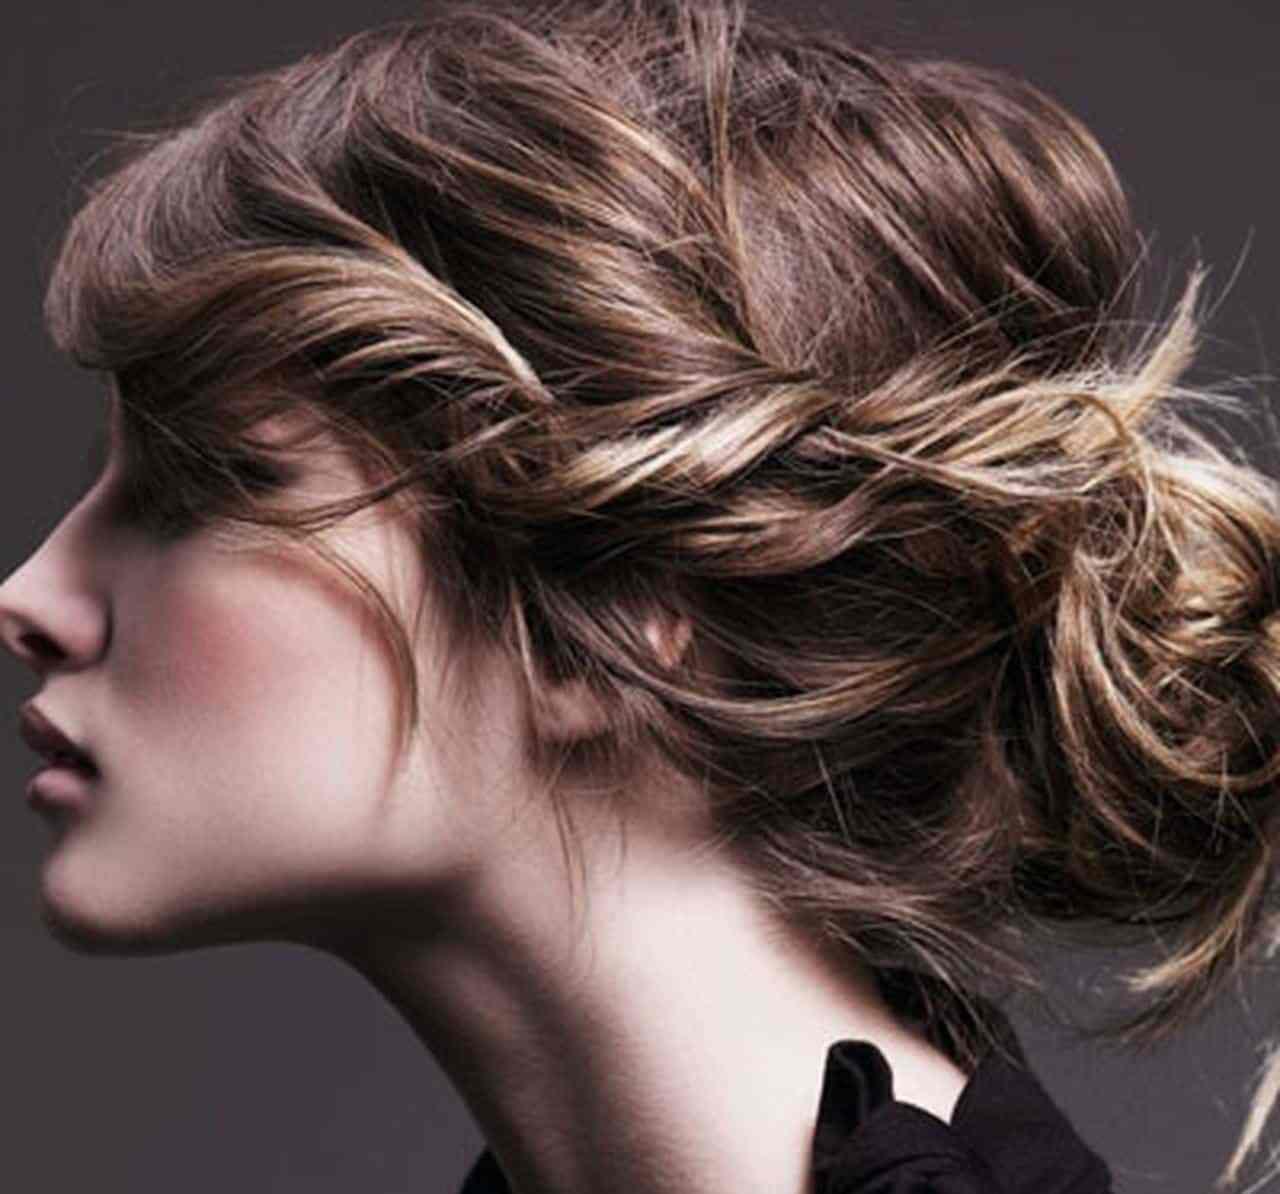 تسريحة كعكة الشعر الرخوة على شكل قوس لإطلالة أنثوية